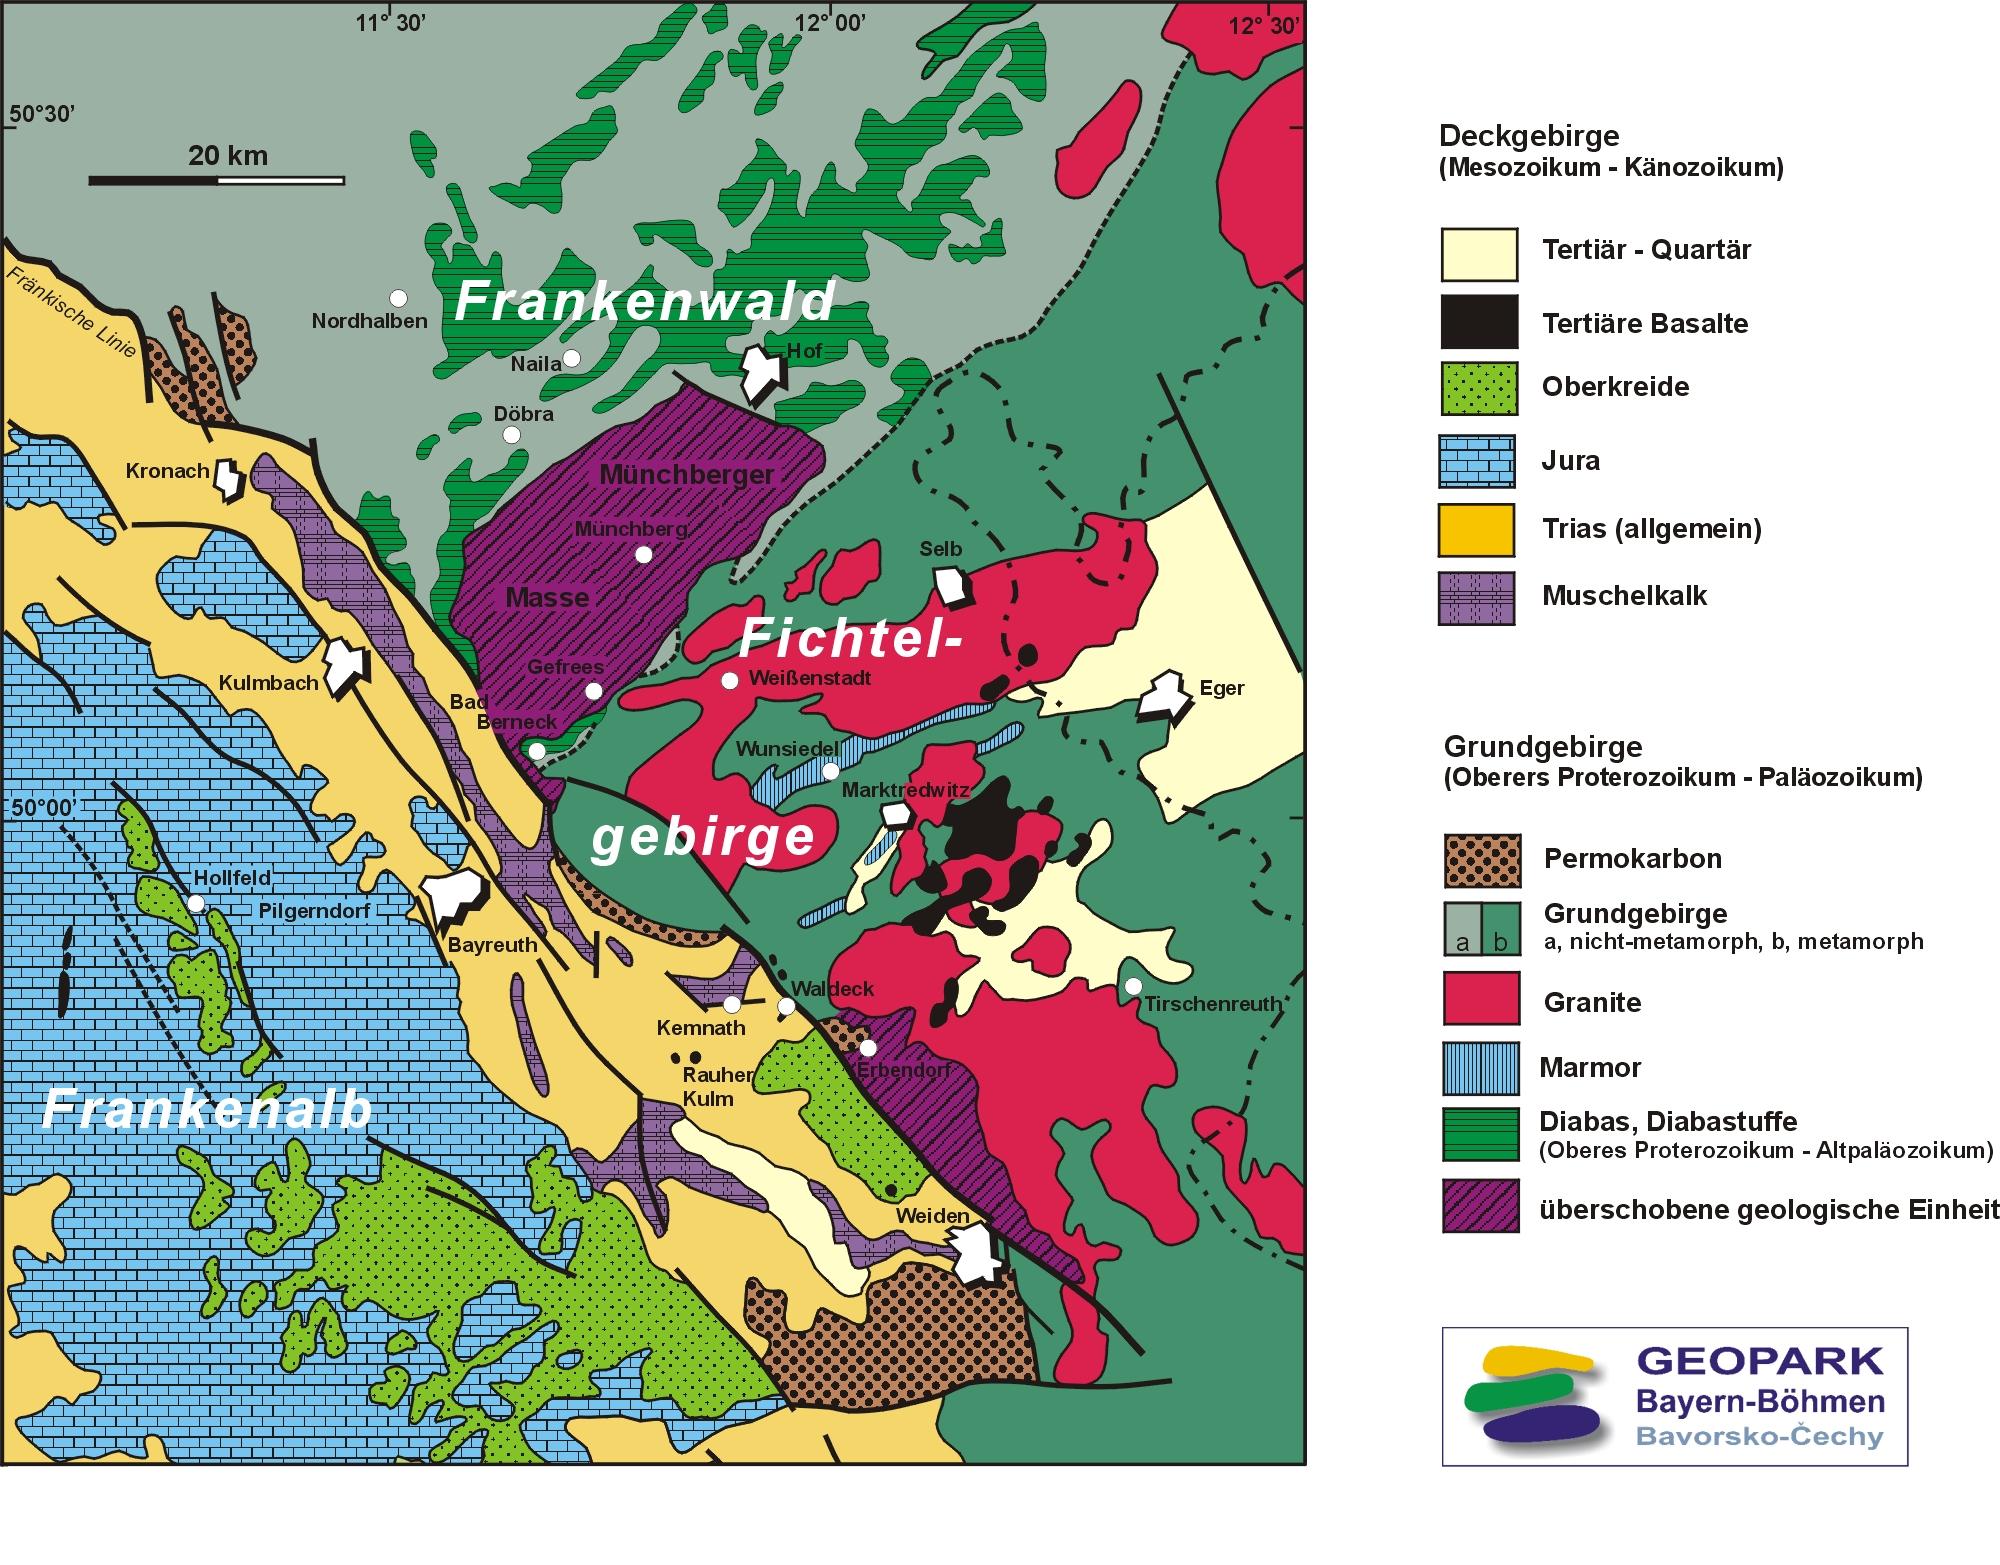 geologische karte bayern tools